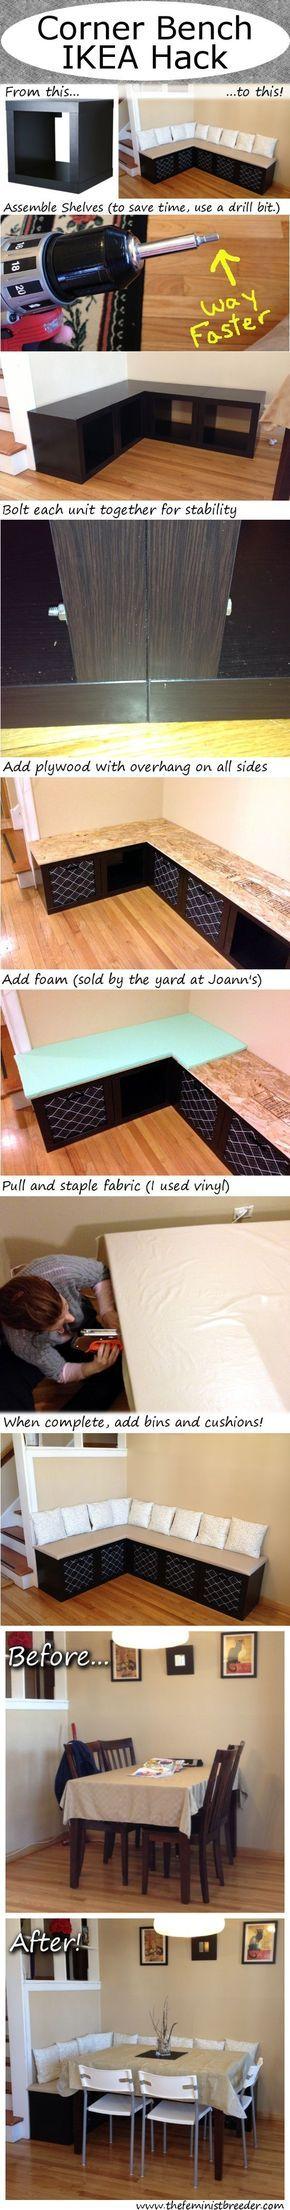 Best 25 corner bench ideas on pinterest corner bench for Corner bench with storage ikea